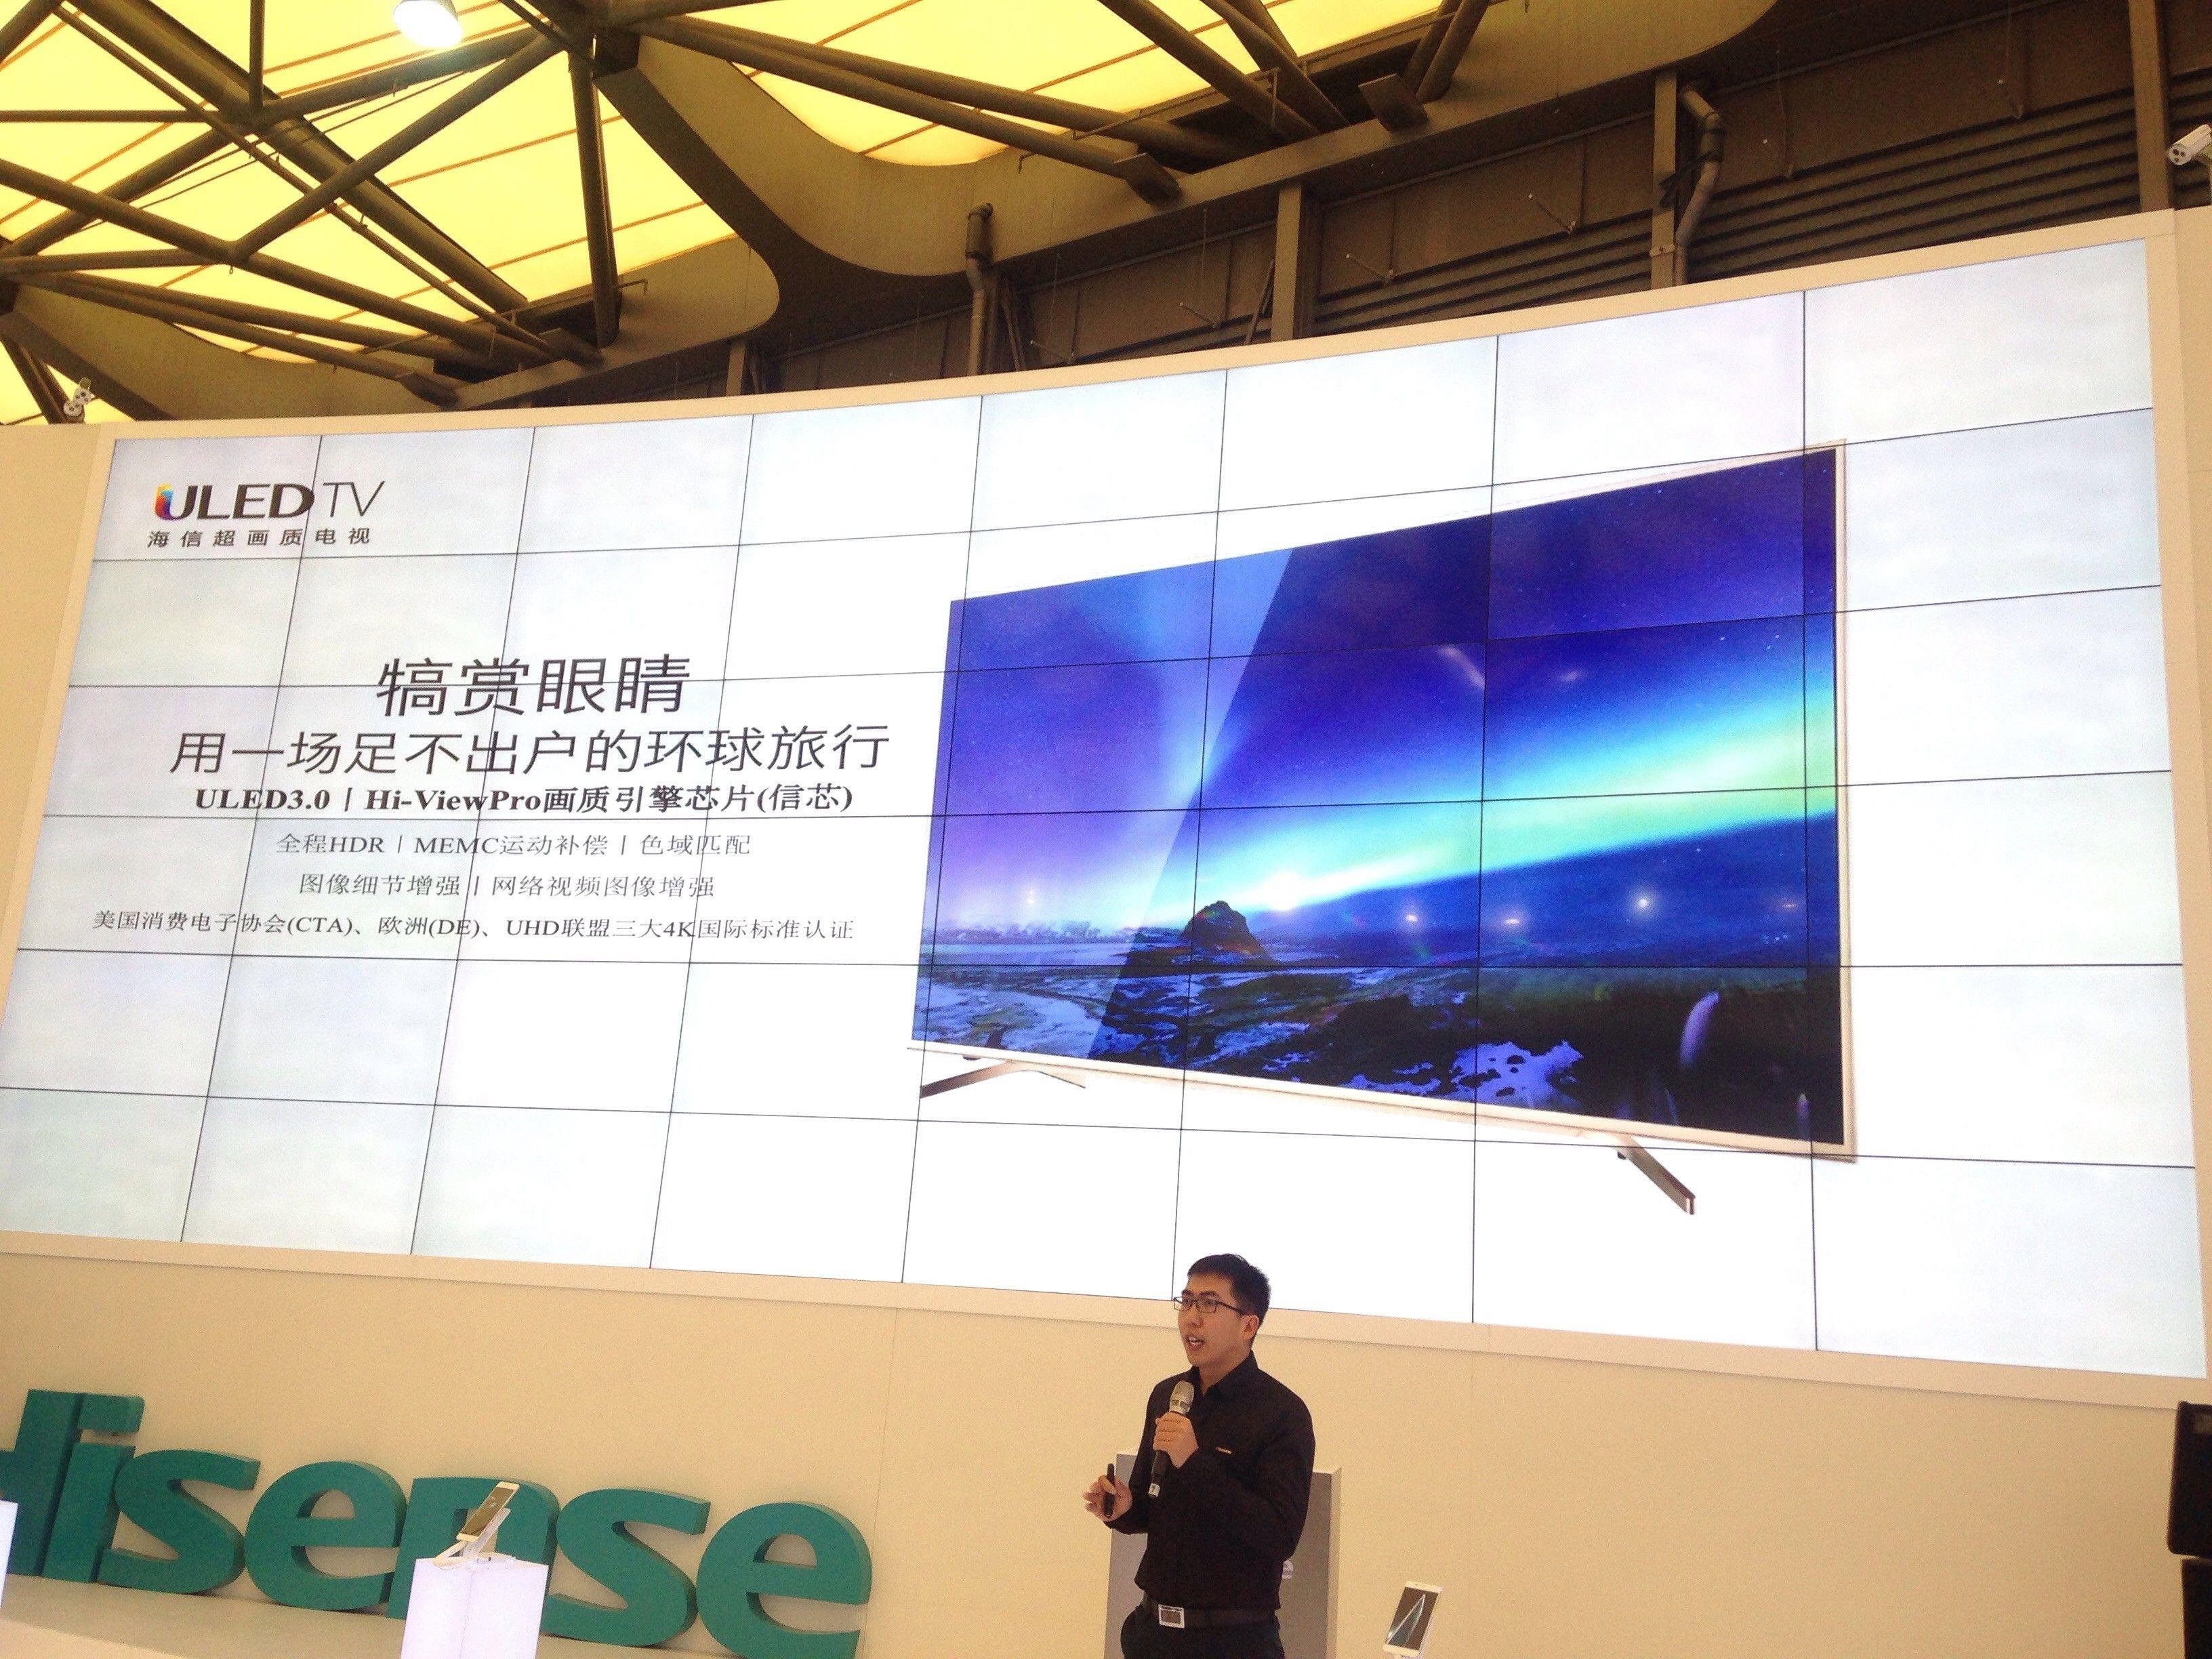 海信产品中心徐总为大家详细的介绍MU7000电视的出色之处